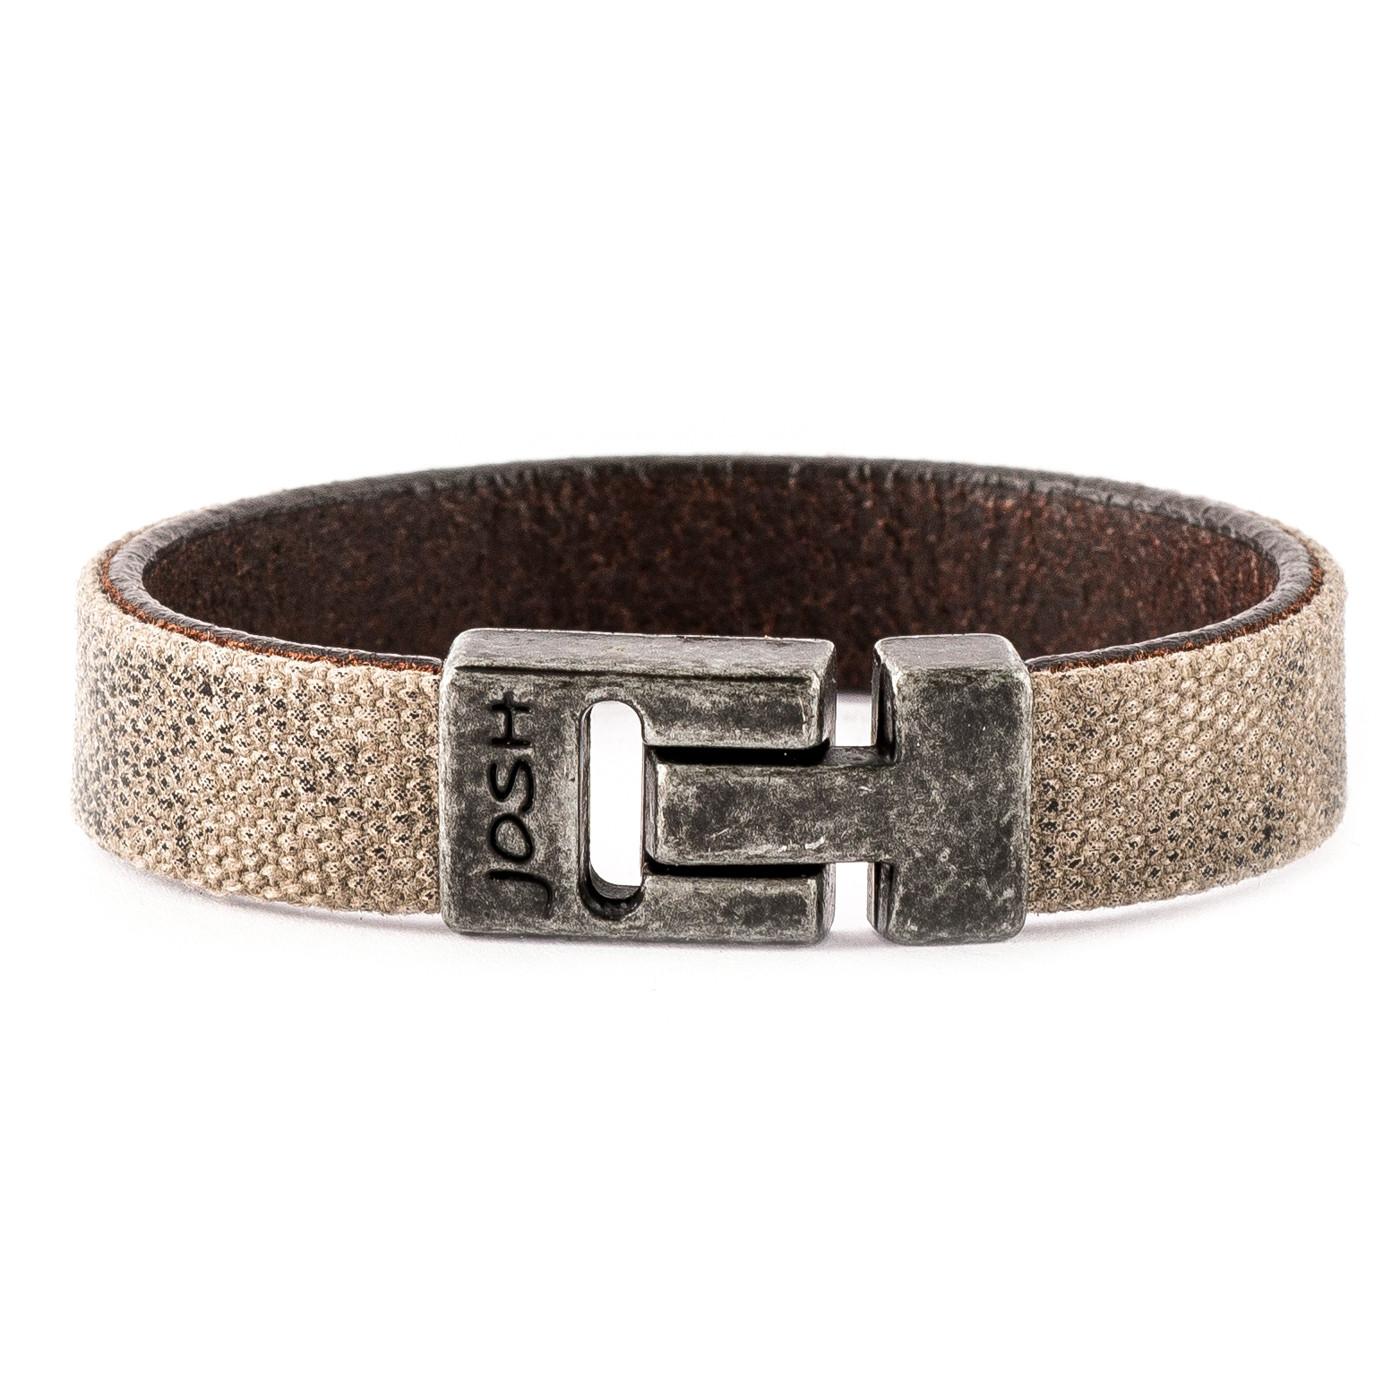 Josh Vintage Black/Beige Armband 24784-BRA-VB/BEIGE (Lengte: 20.50-22.50 cm)